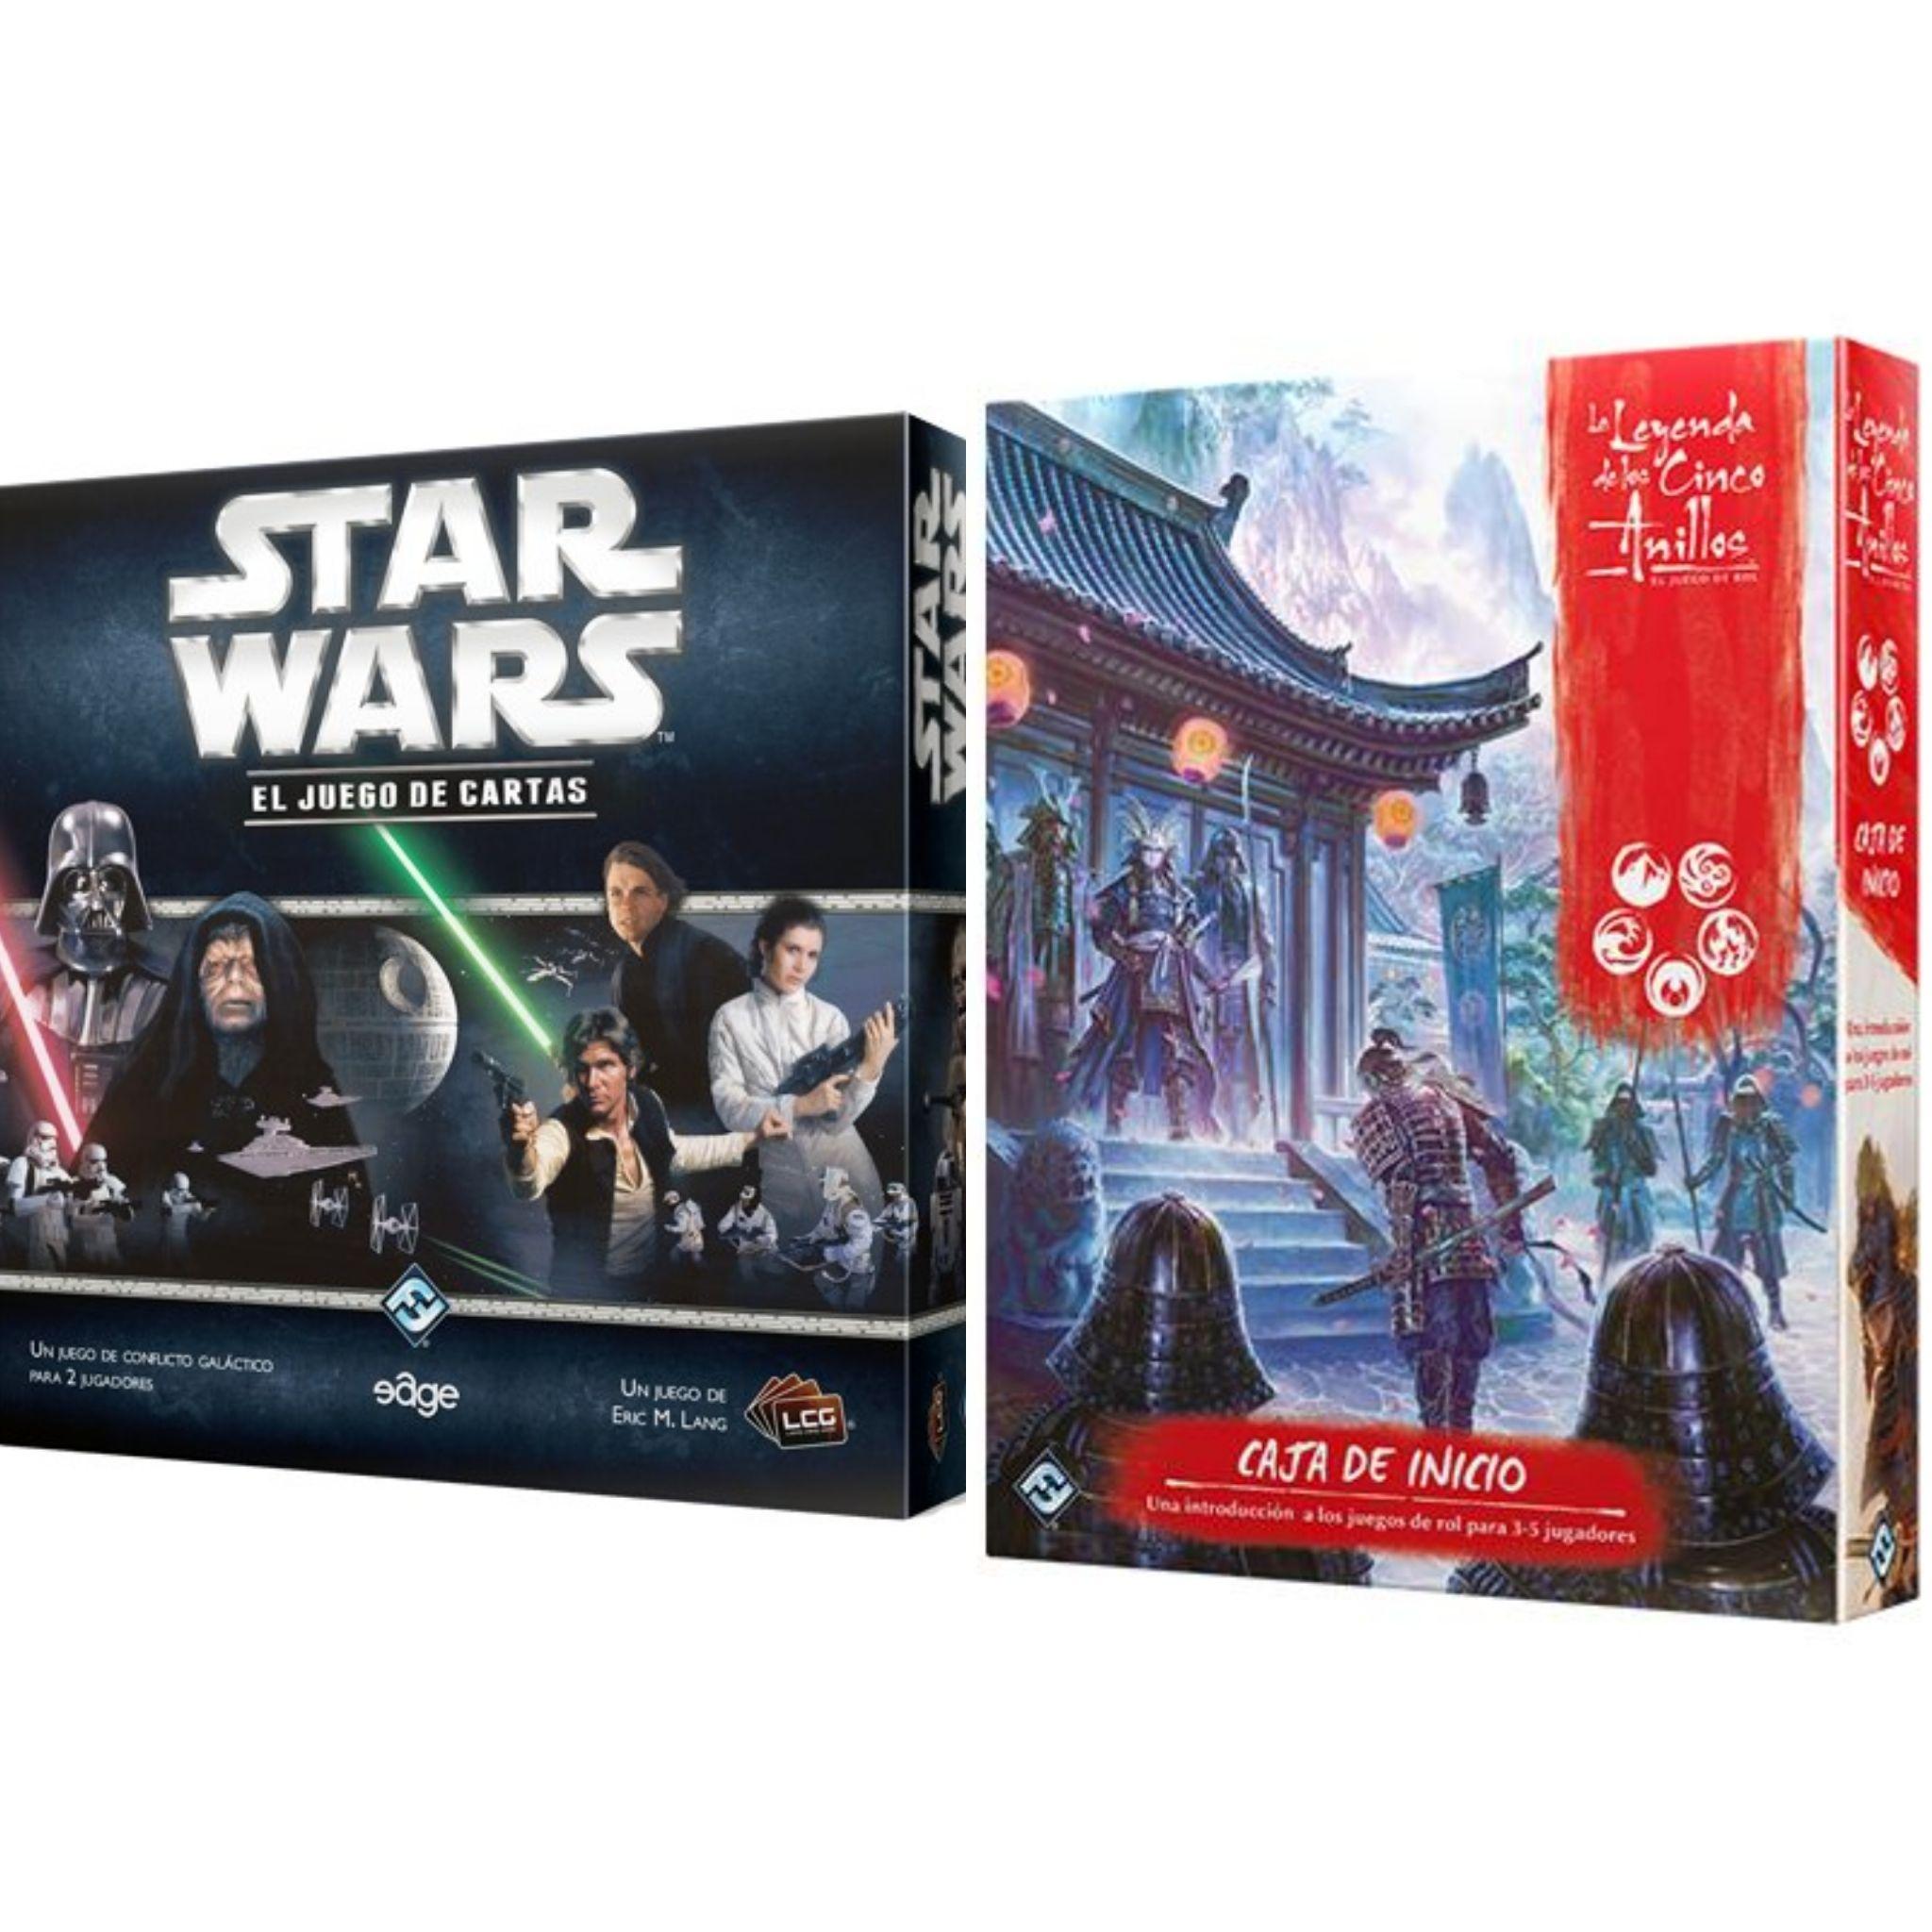 Pack Star Wars LCG + Leyenda de los Cinco Anillos